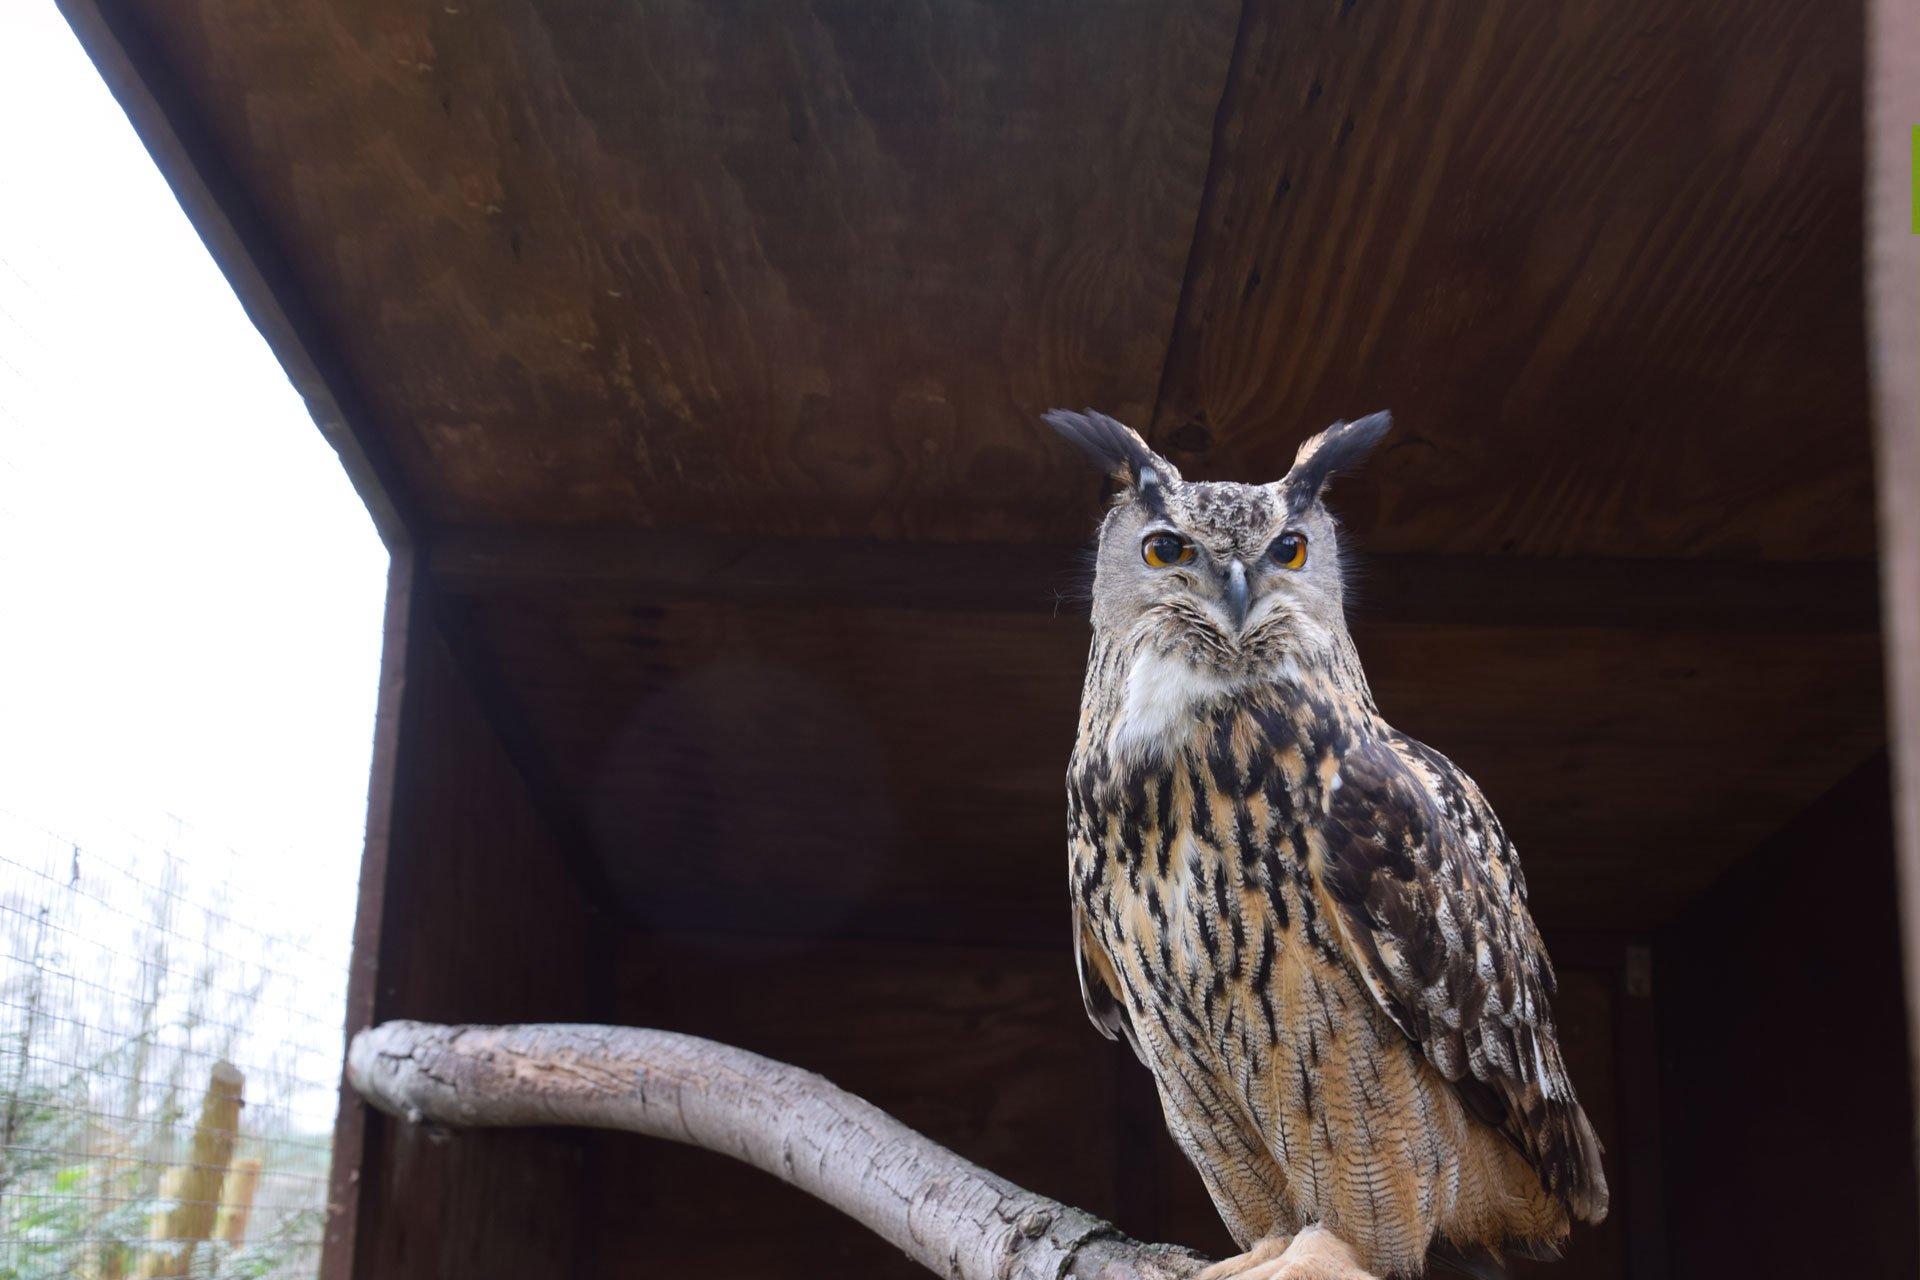 The European Eagle Owl